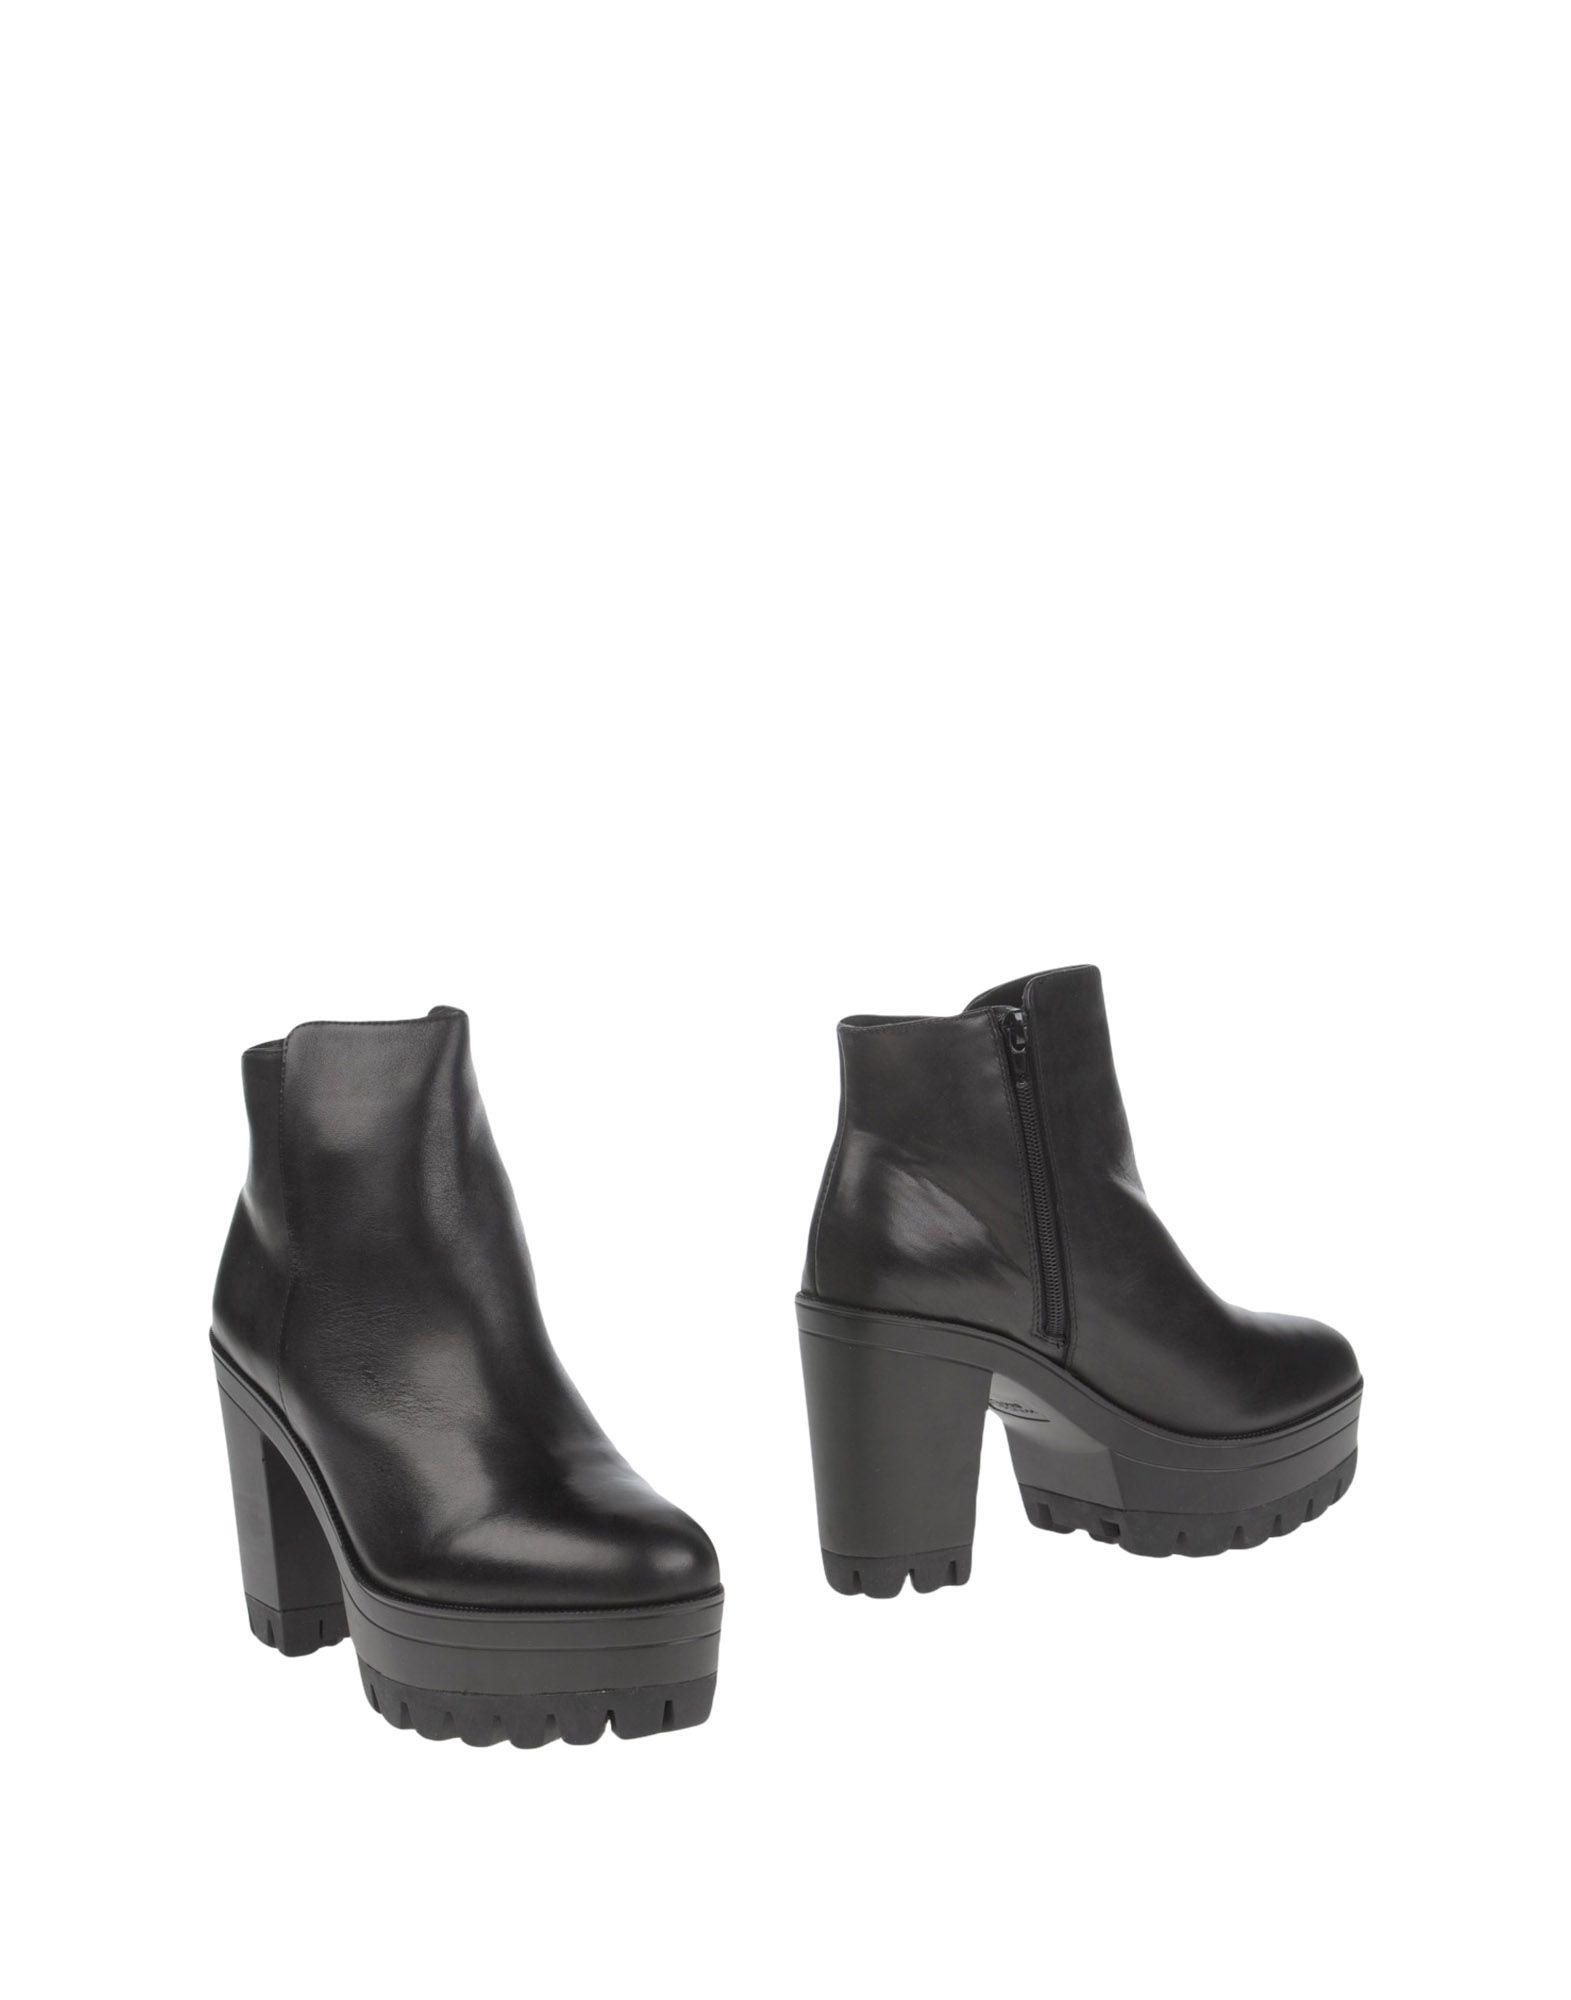 Windsor Smith Stiefelette Damen  11262284FK Gute Qualität beliebte Schuhe